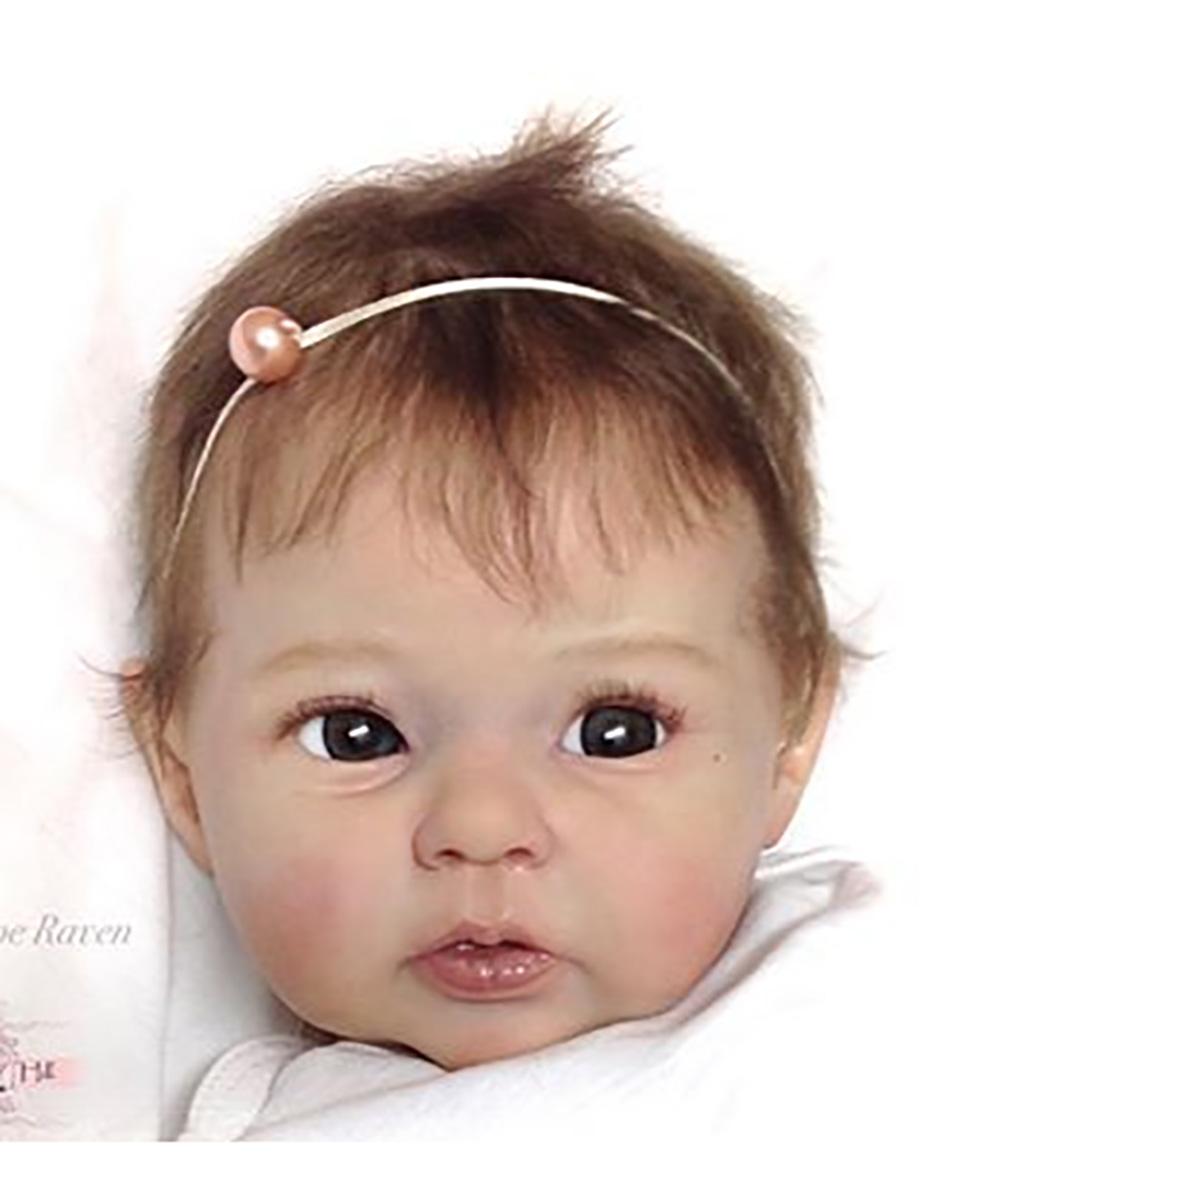 Newborn Doll Kit Reborn Dolls Supplies Unpainted Soft